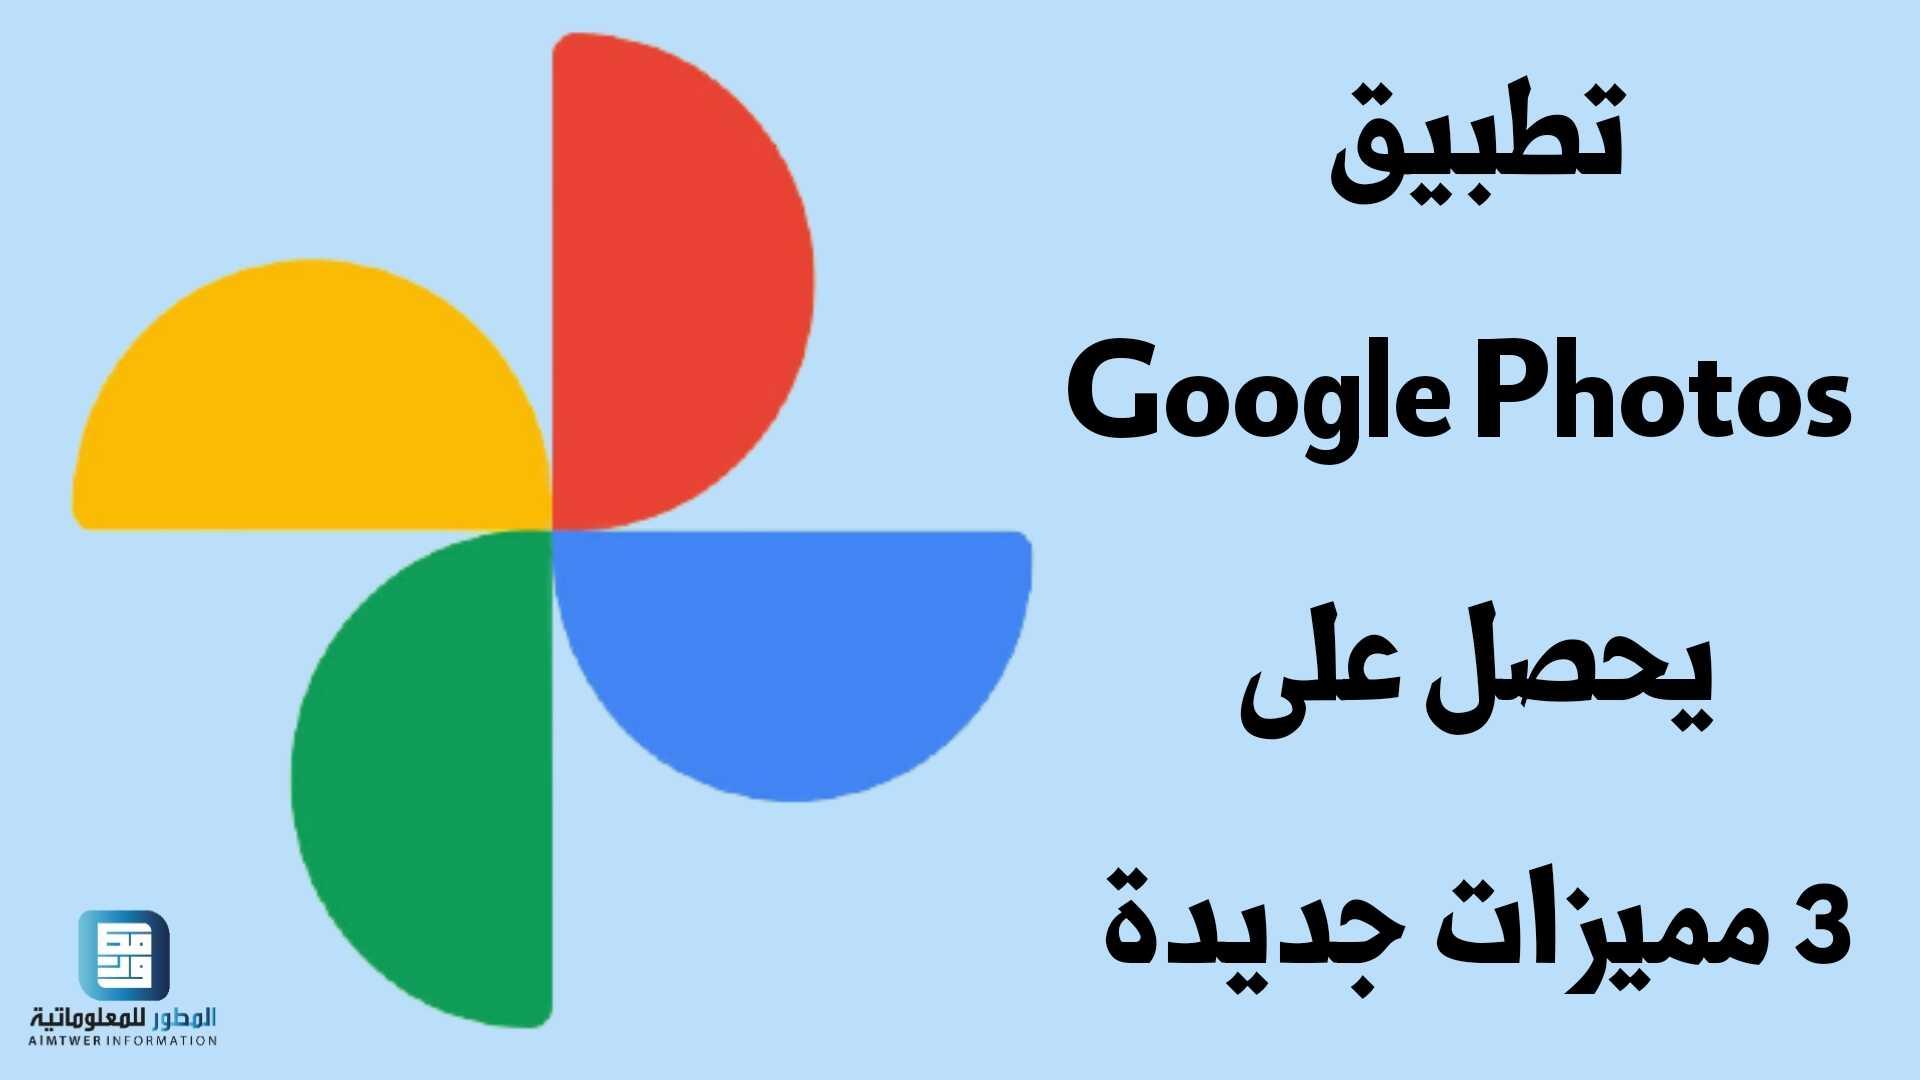 تطبيق Google Photos يحصل على 3 مميزات جديدة منها قفل الصور بكلمة سر